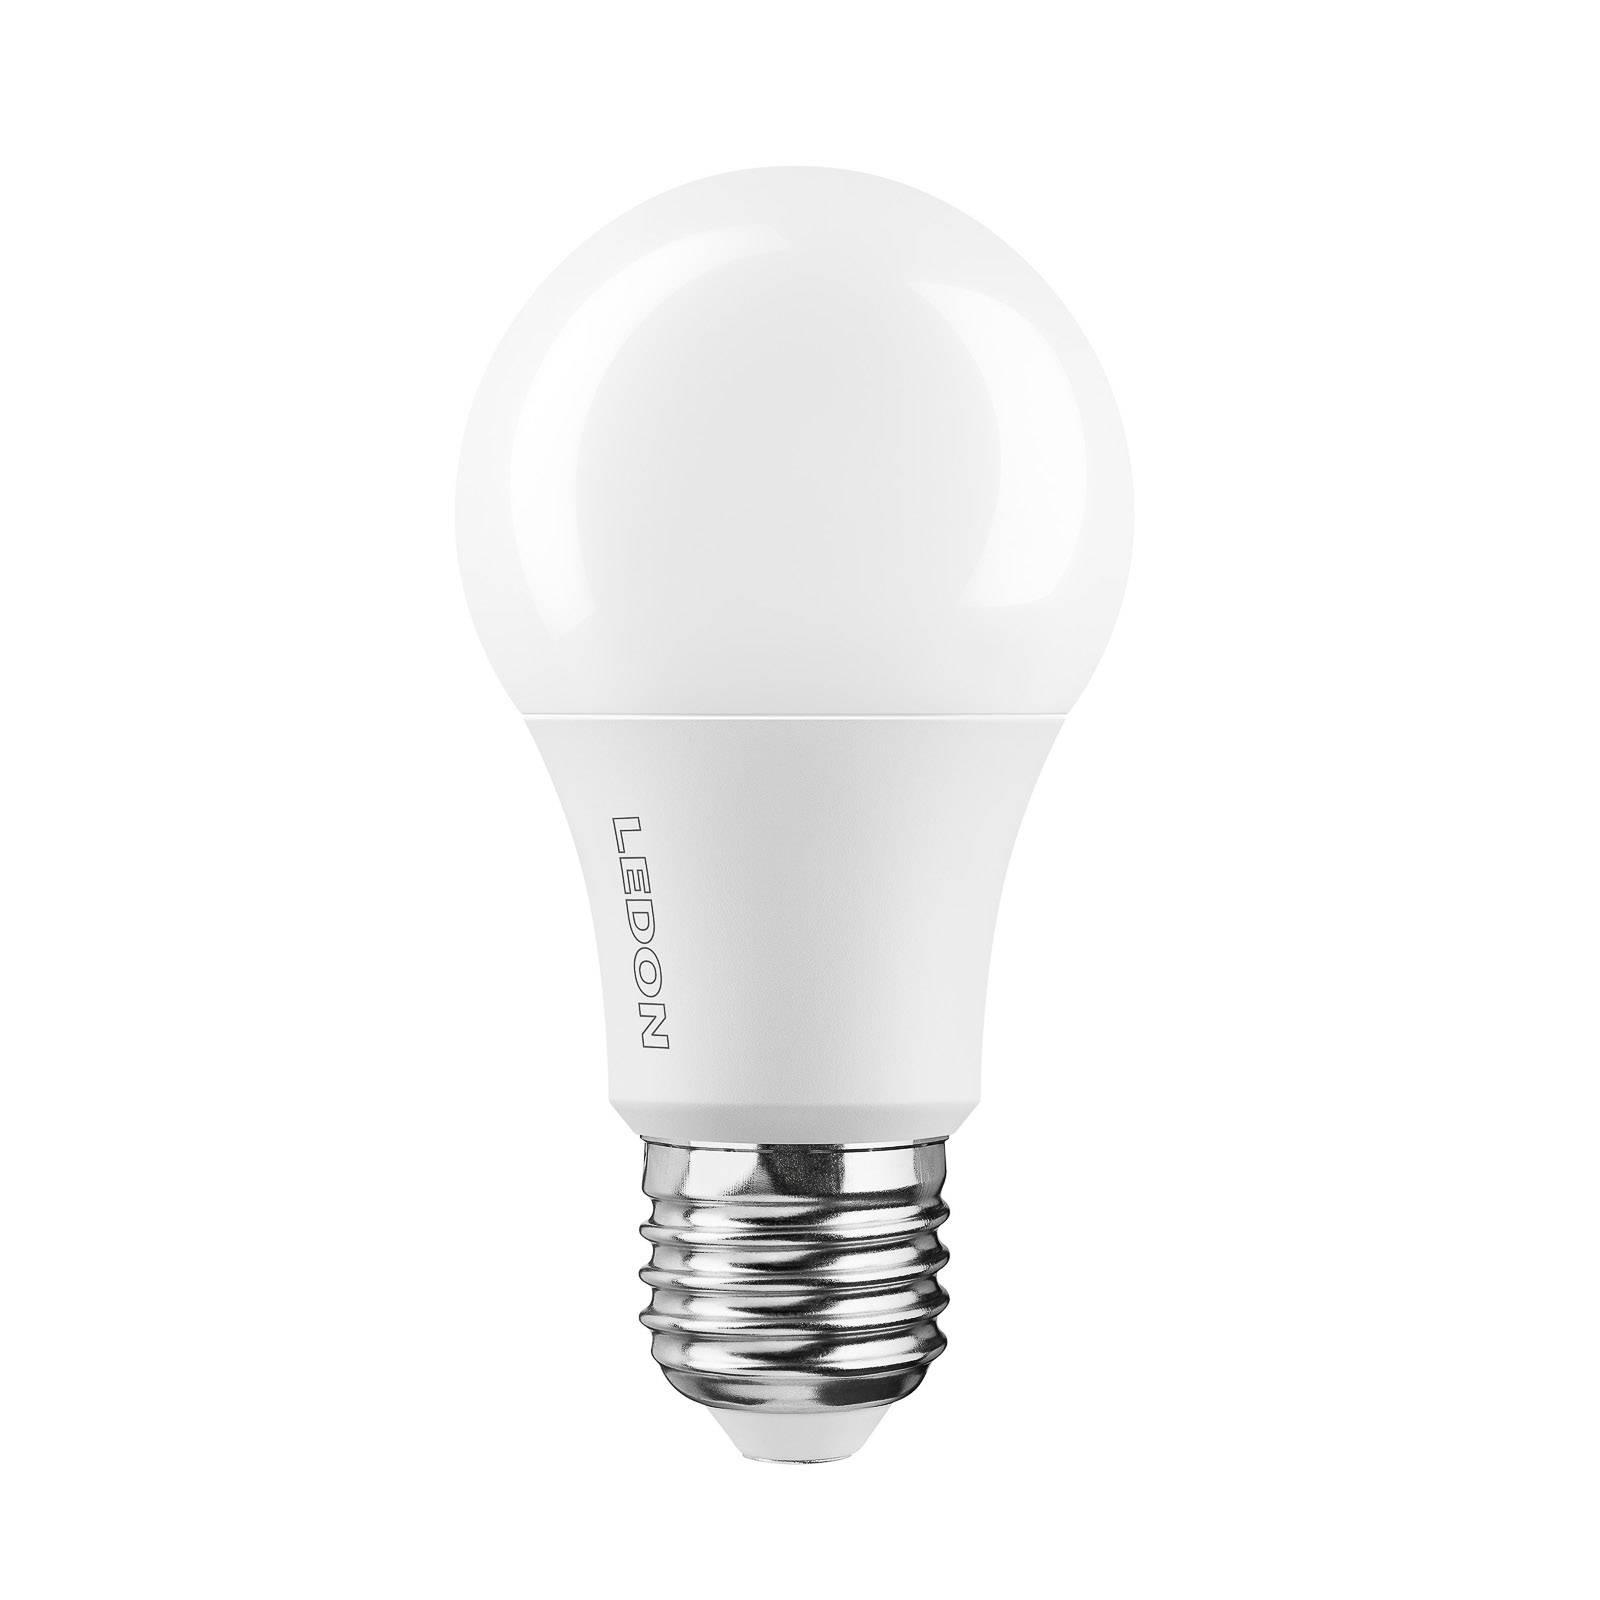 Ledon LED žárovka E27 10 W A60 927 stmívatelná